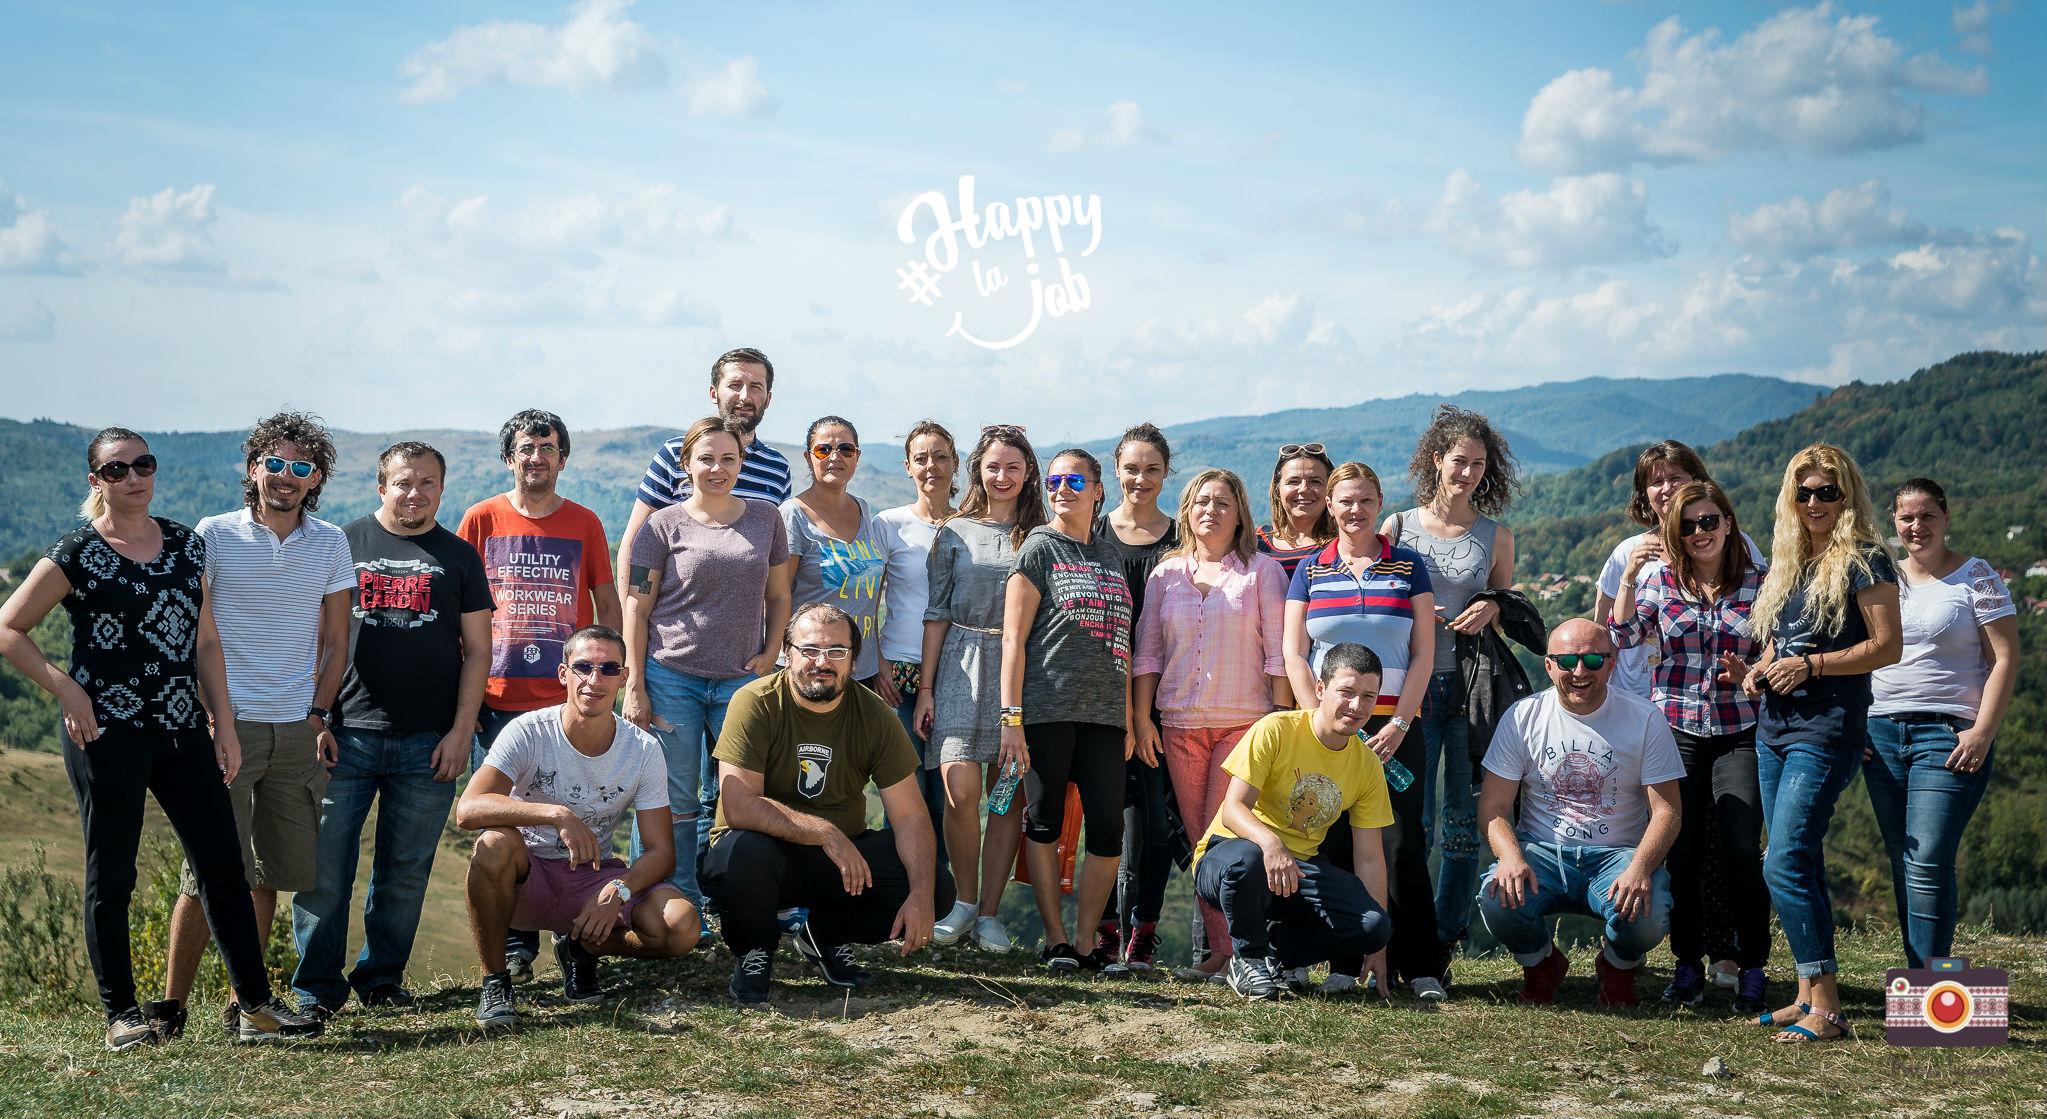 Fericirea în echipa eJobs